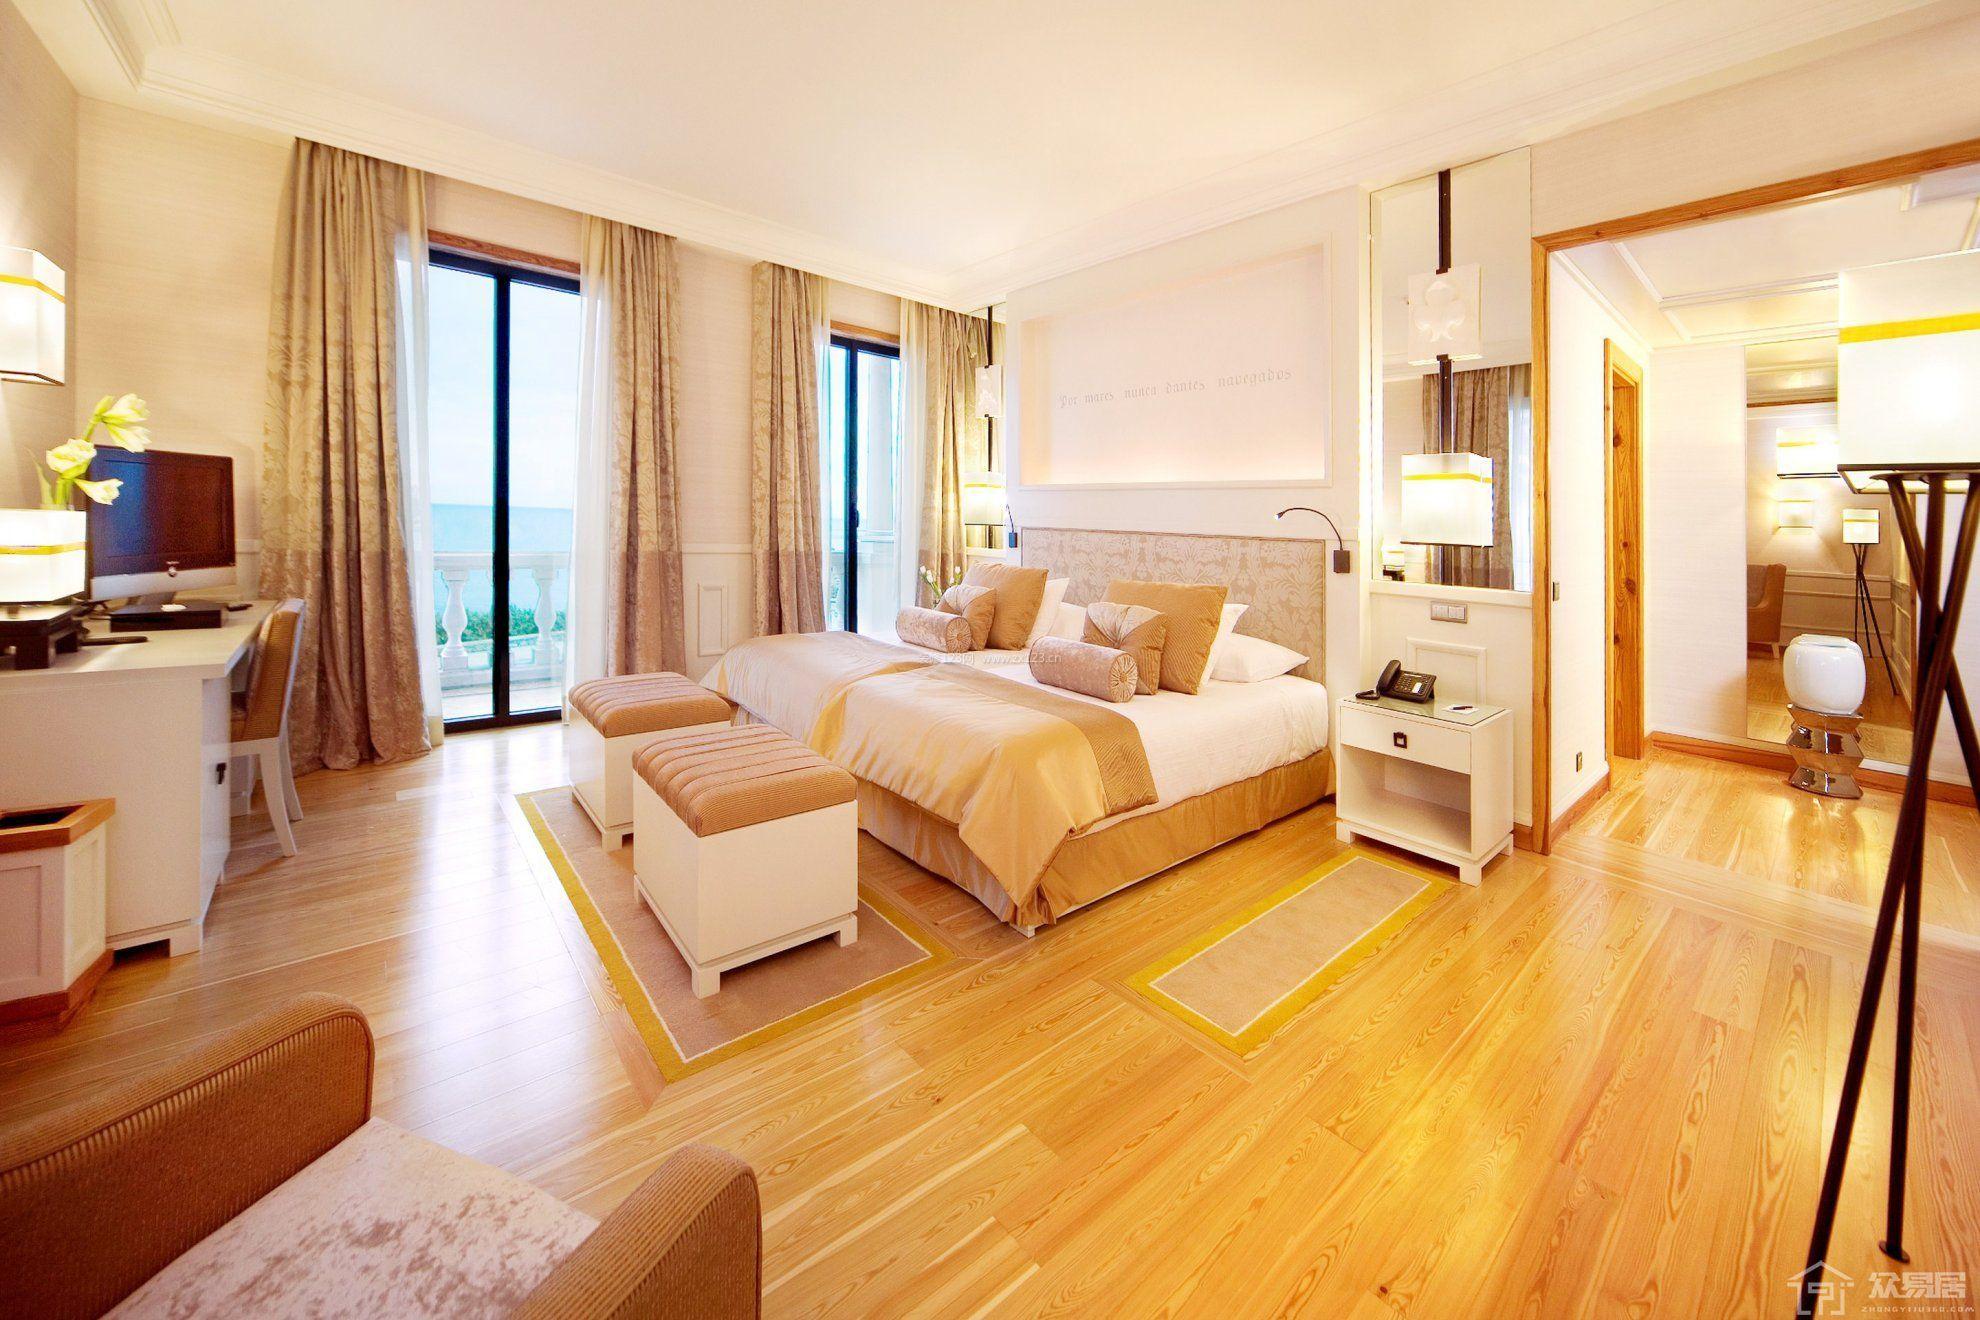 大面积卧室如何装修美观? 实用的大卧室装修设计